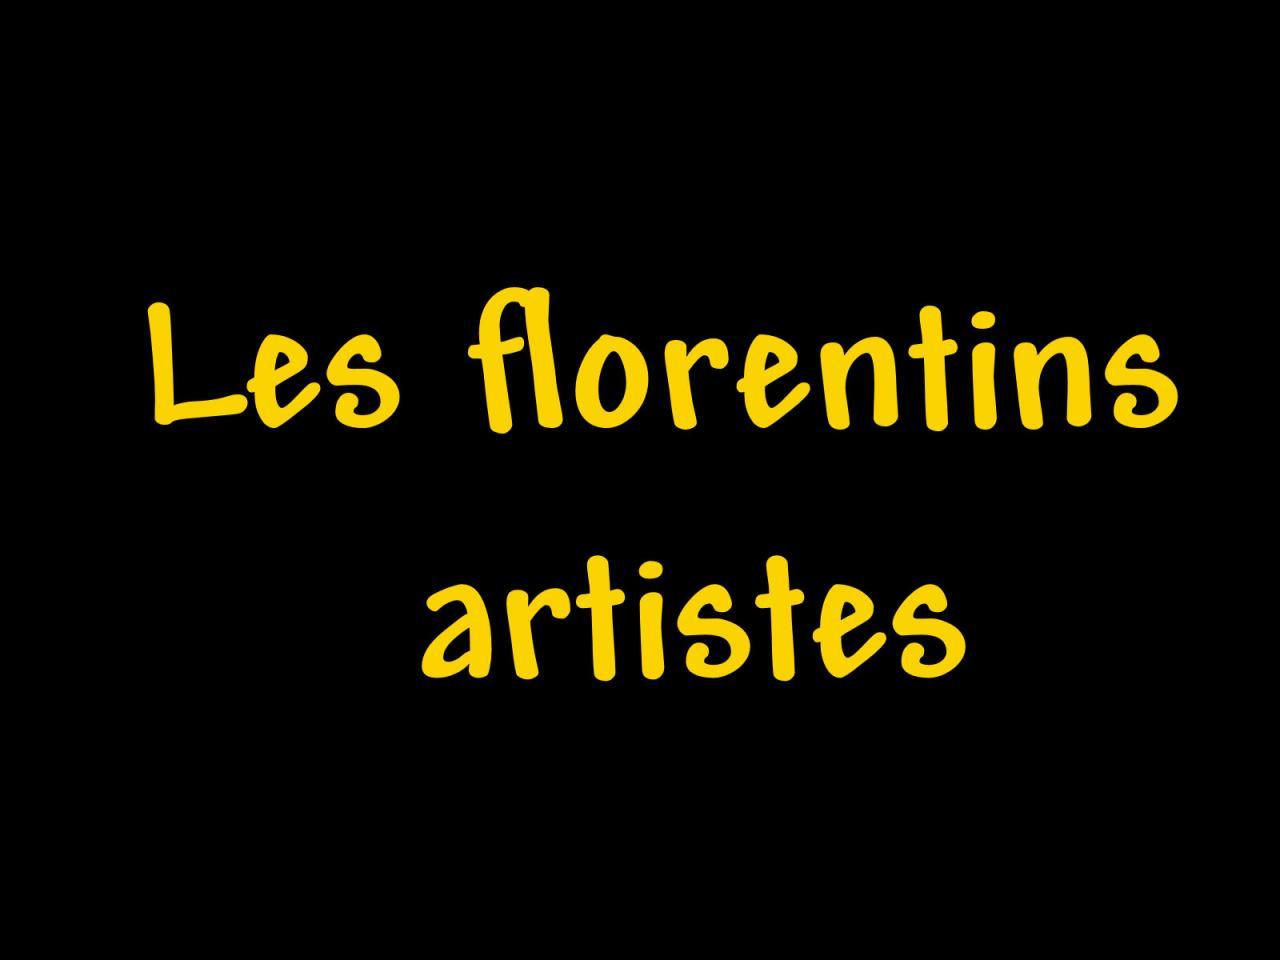 Les florentins